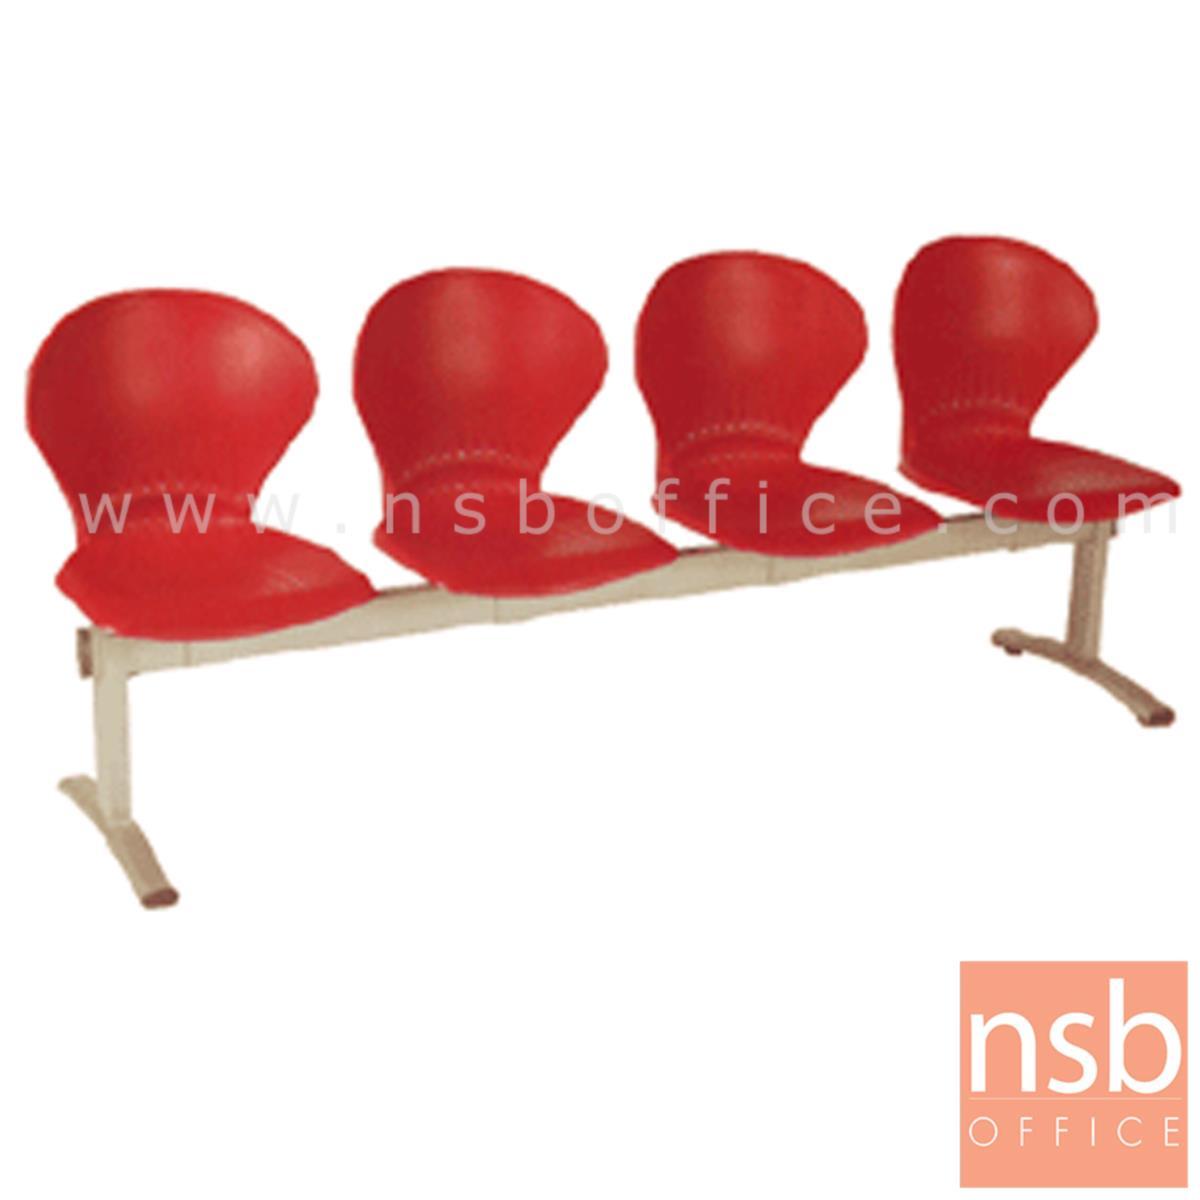 B06A058:เก้าอี้นั่งคอยเฟรมโพลี่ รุ่น B766 2 ,3 ,4 ที่นั่ง ขนาด 98W ,150W ,200W cm. ขาเหล็ก